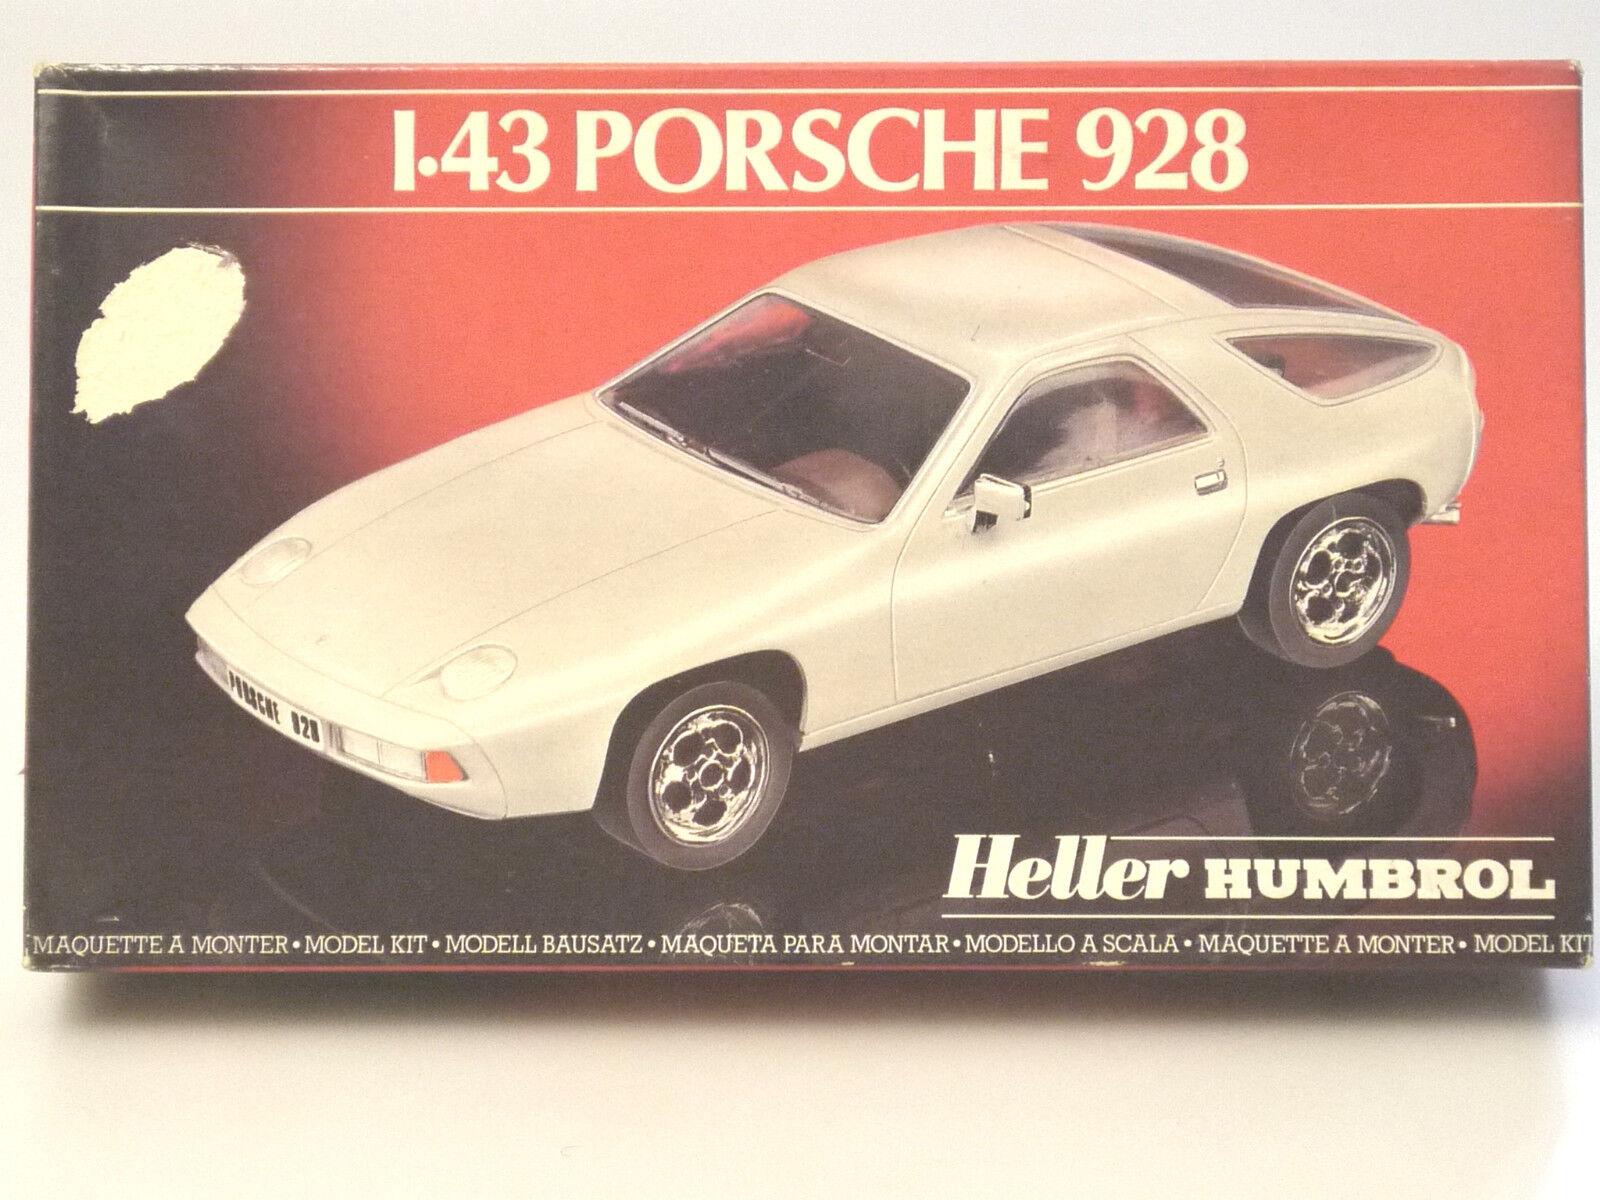 (PRL) PORSCHE 928 1 43 bil bil VOITUR MONTAGGIO modelllllerINO modelllllerEL HELLER HUBROL